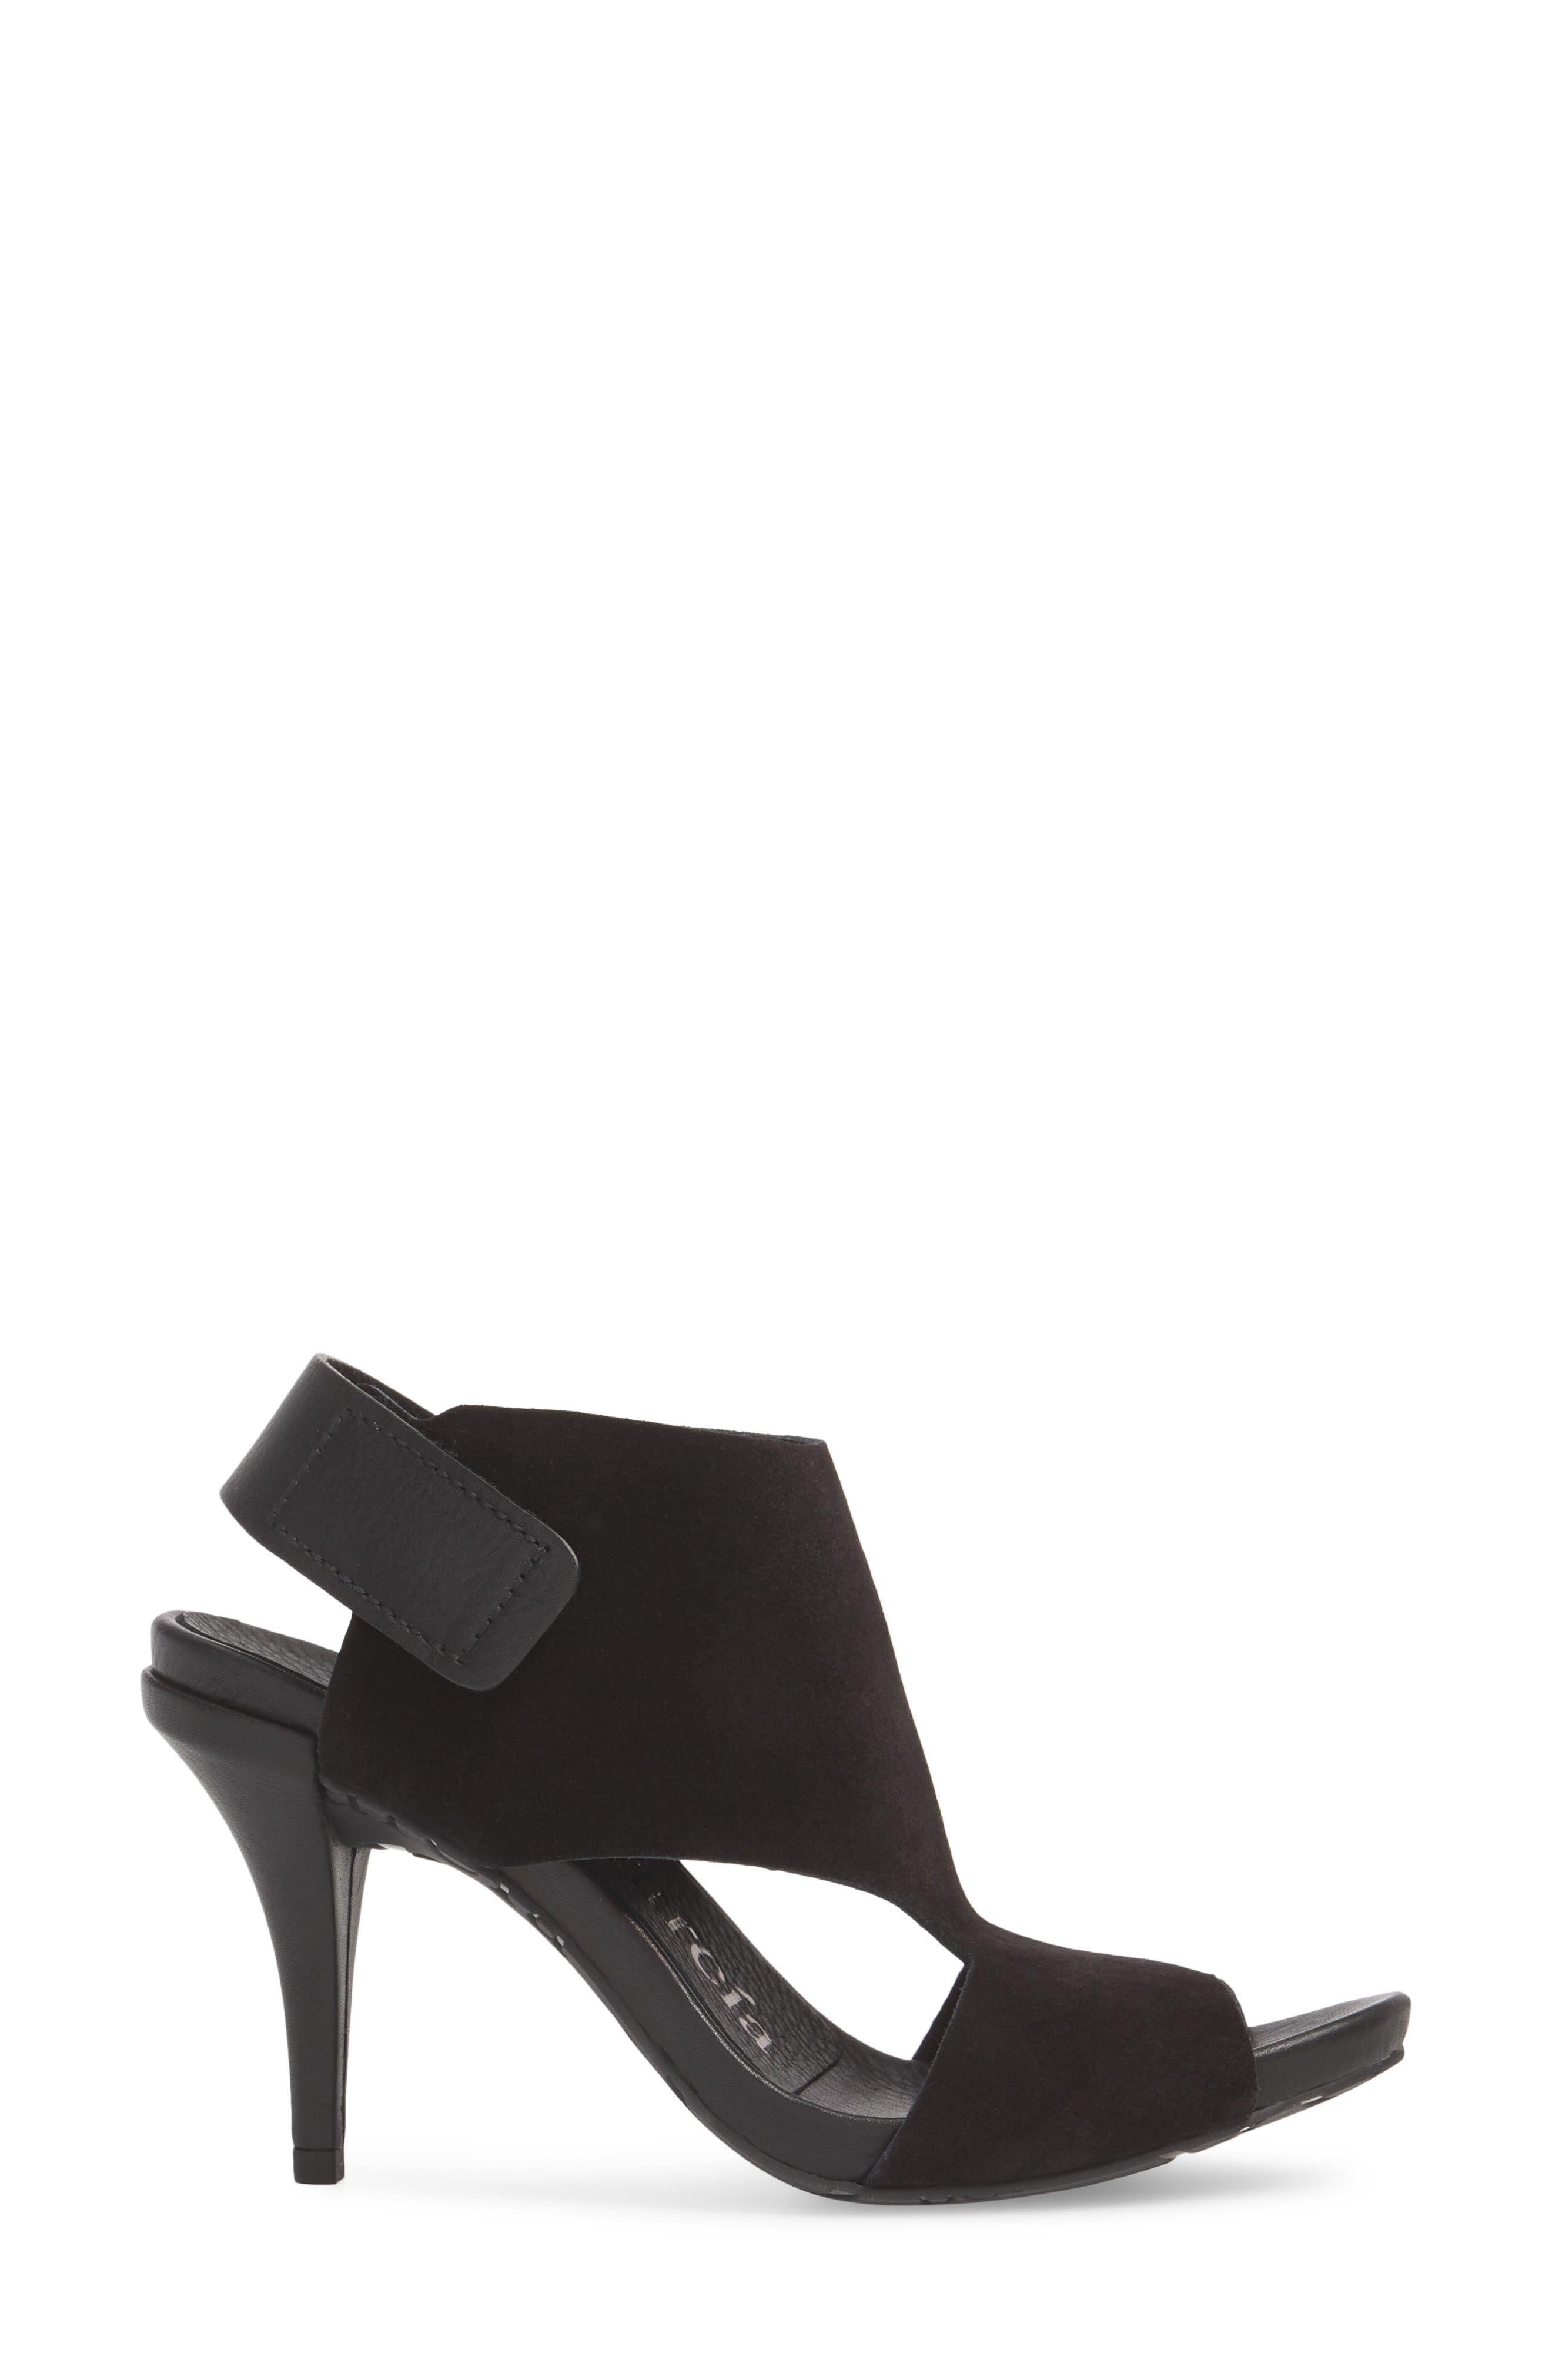 Yimina Cutout Sandal,                             Alternate thumbnail 3, color,                             BLACK